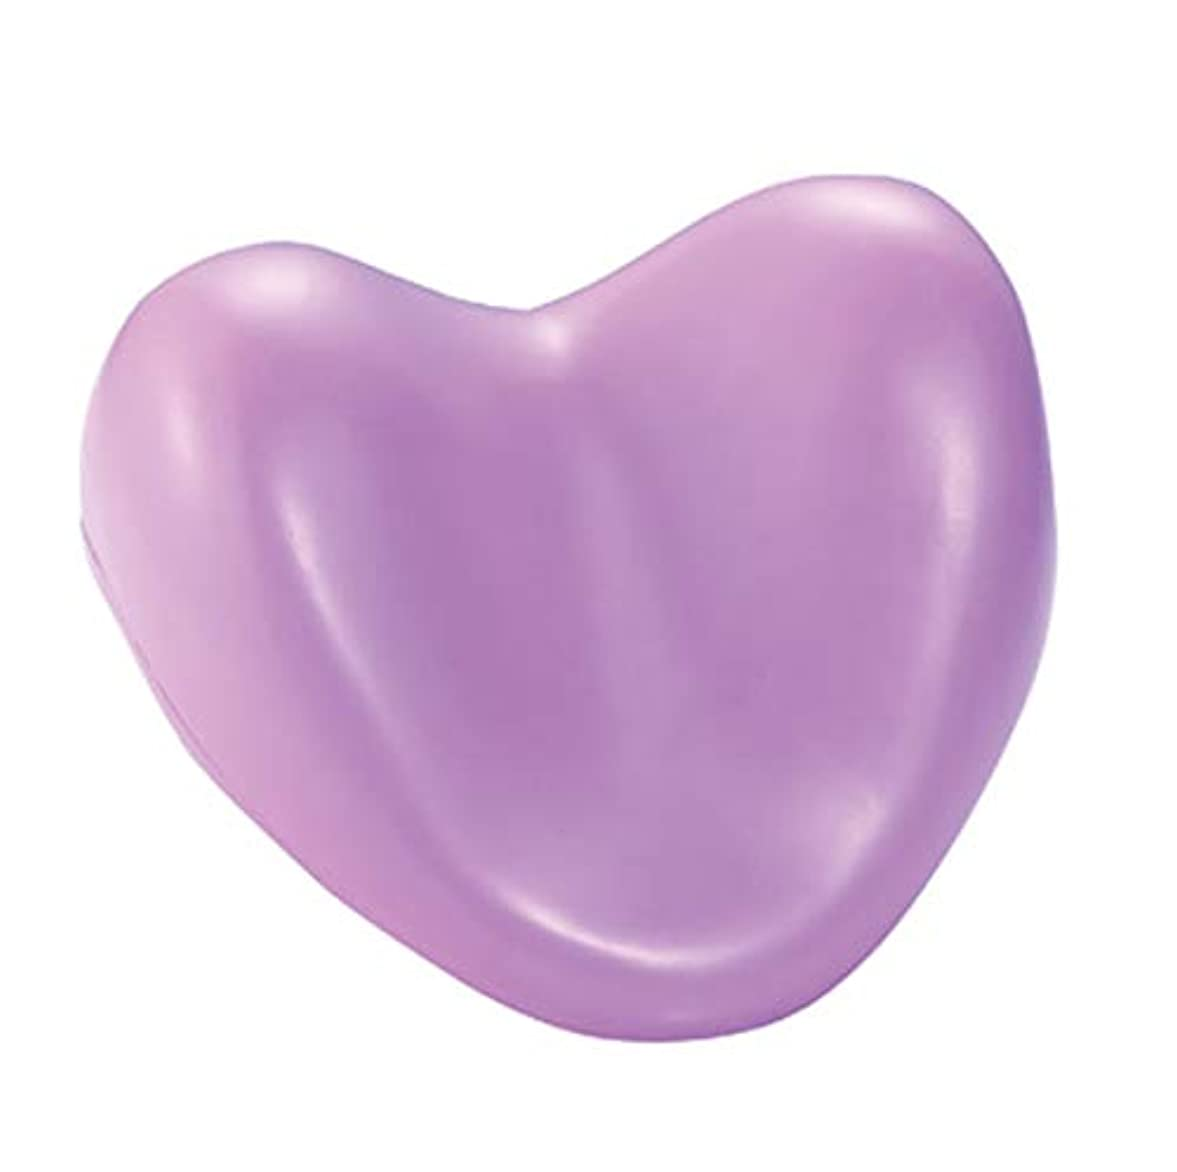 リップ毎週区画サクションカップ付きウェルネスバスピローハート型PUフォームサポート枕温水浴槽とスパ浴槽,Purple